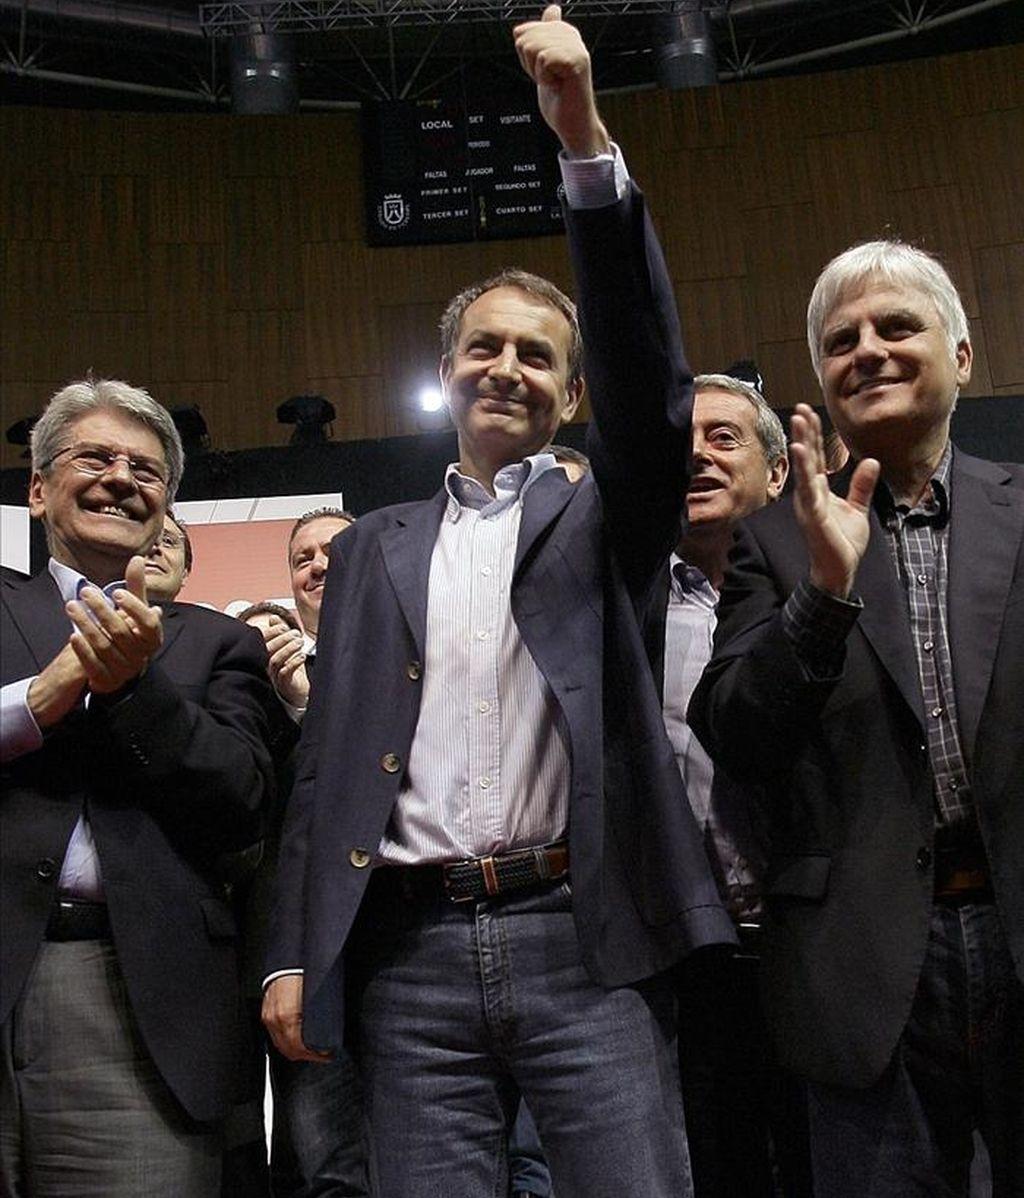 El presidente del Gobierno, José Luis Rodríguez Zapatero, arremete contra el PP. Vídeo: Informativos Telecinco.